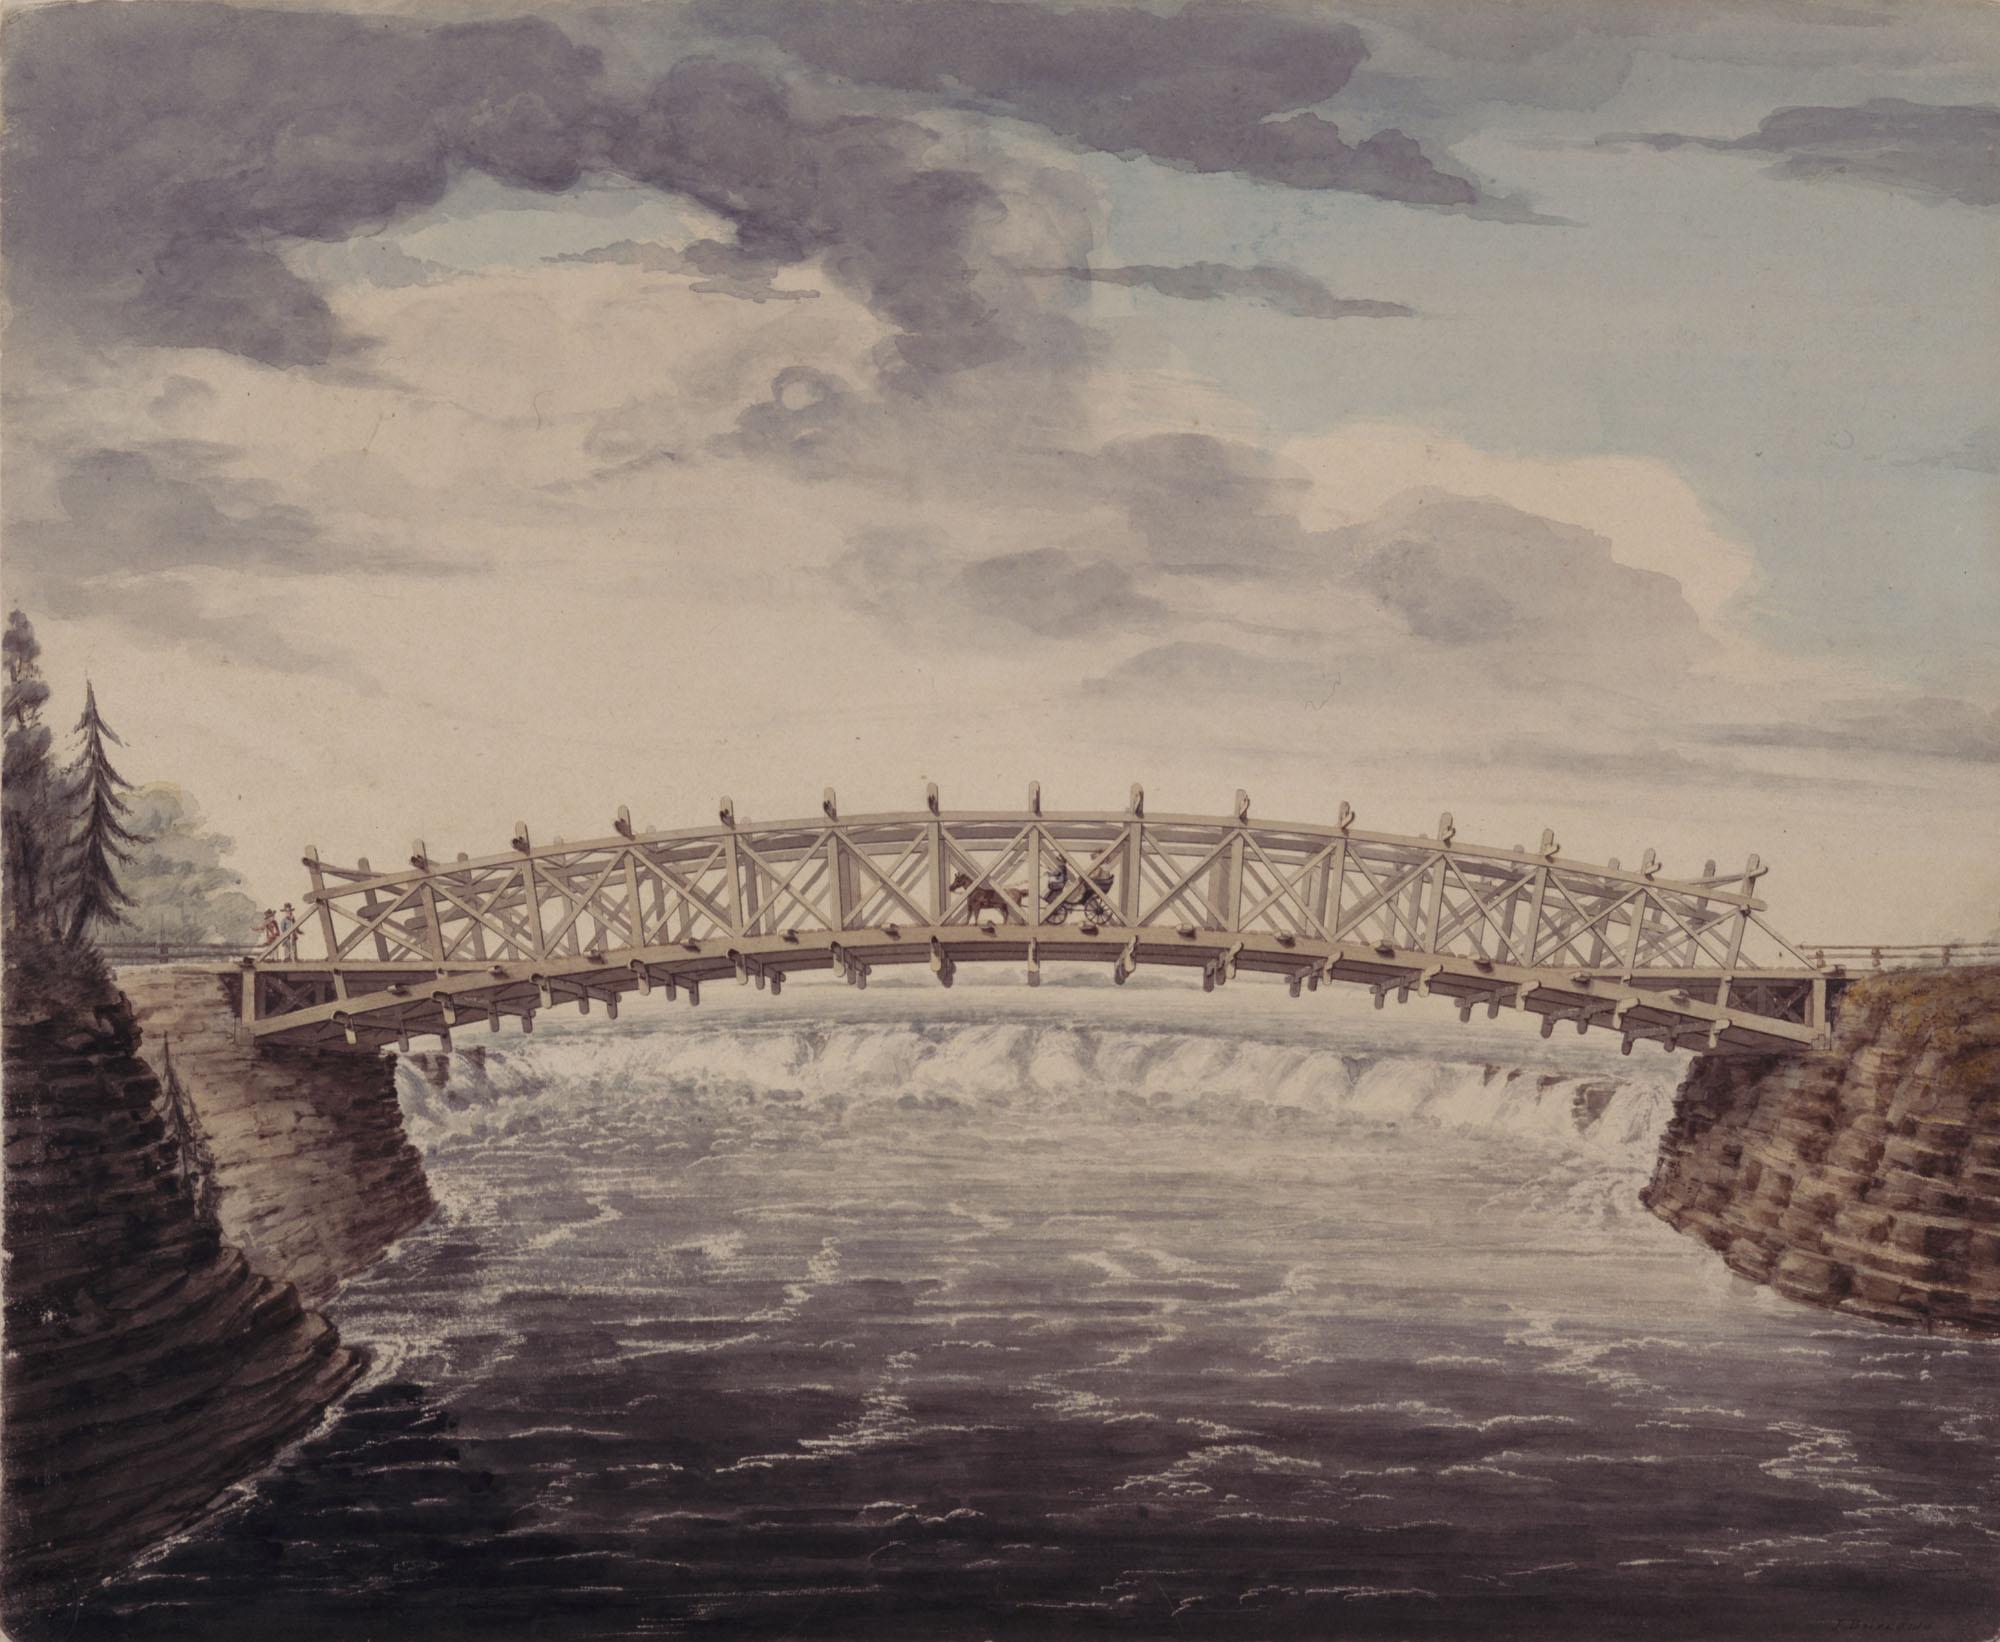 Dessin à l'aquarelle, à la plume et à l'encre sur graphite, sur papier, illustrant un pont surplombant la rivière des Outaouais. On aperçoit des chutes au loin, sous l'arc du pont.